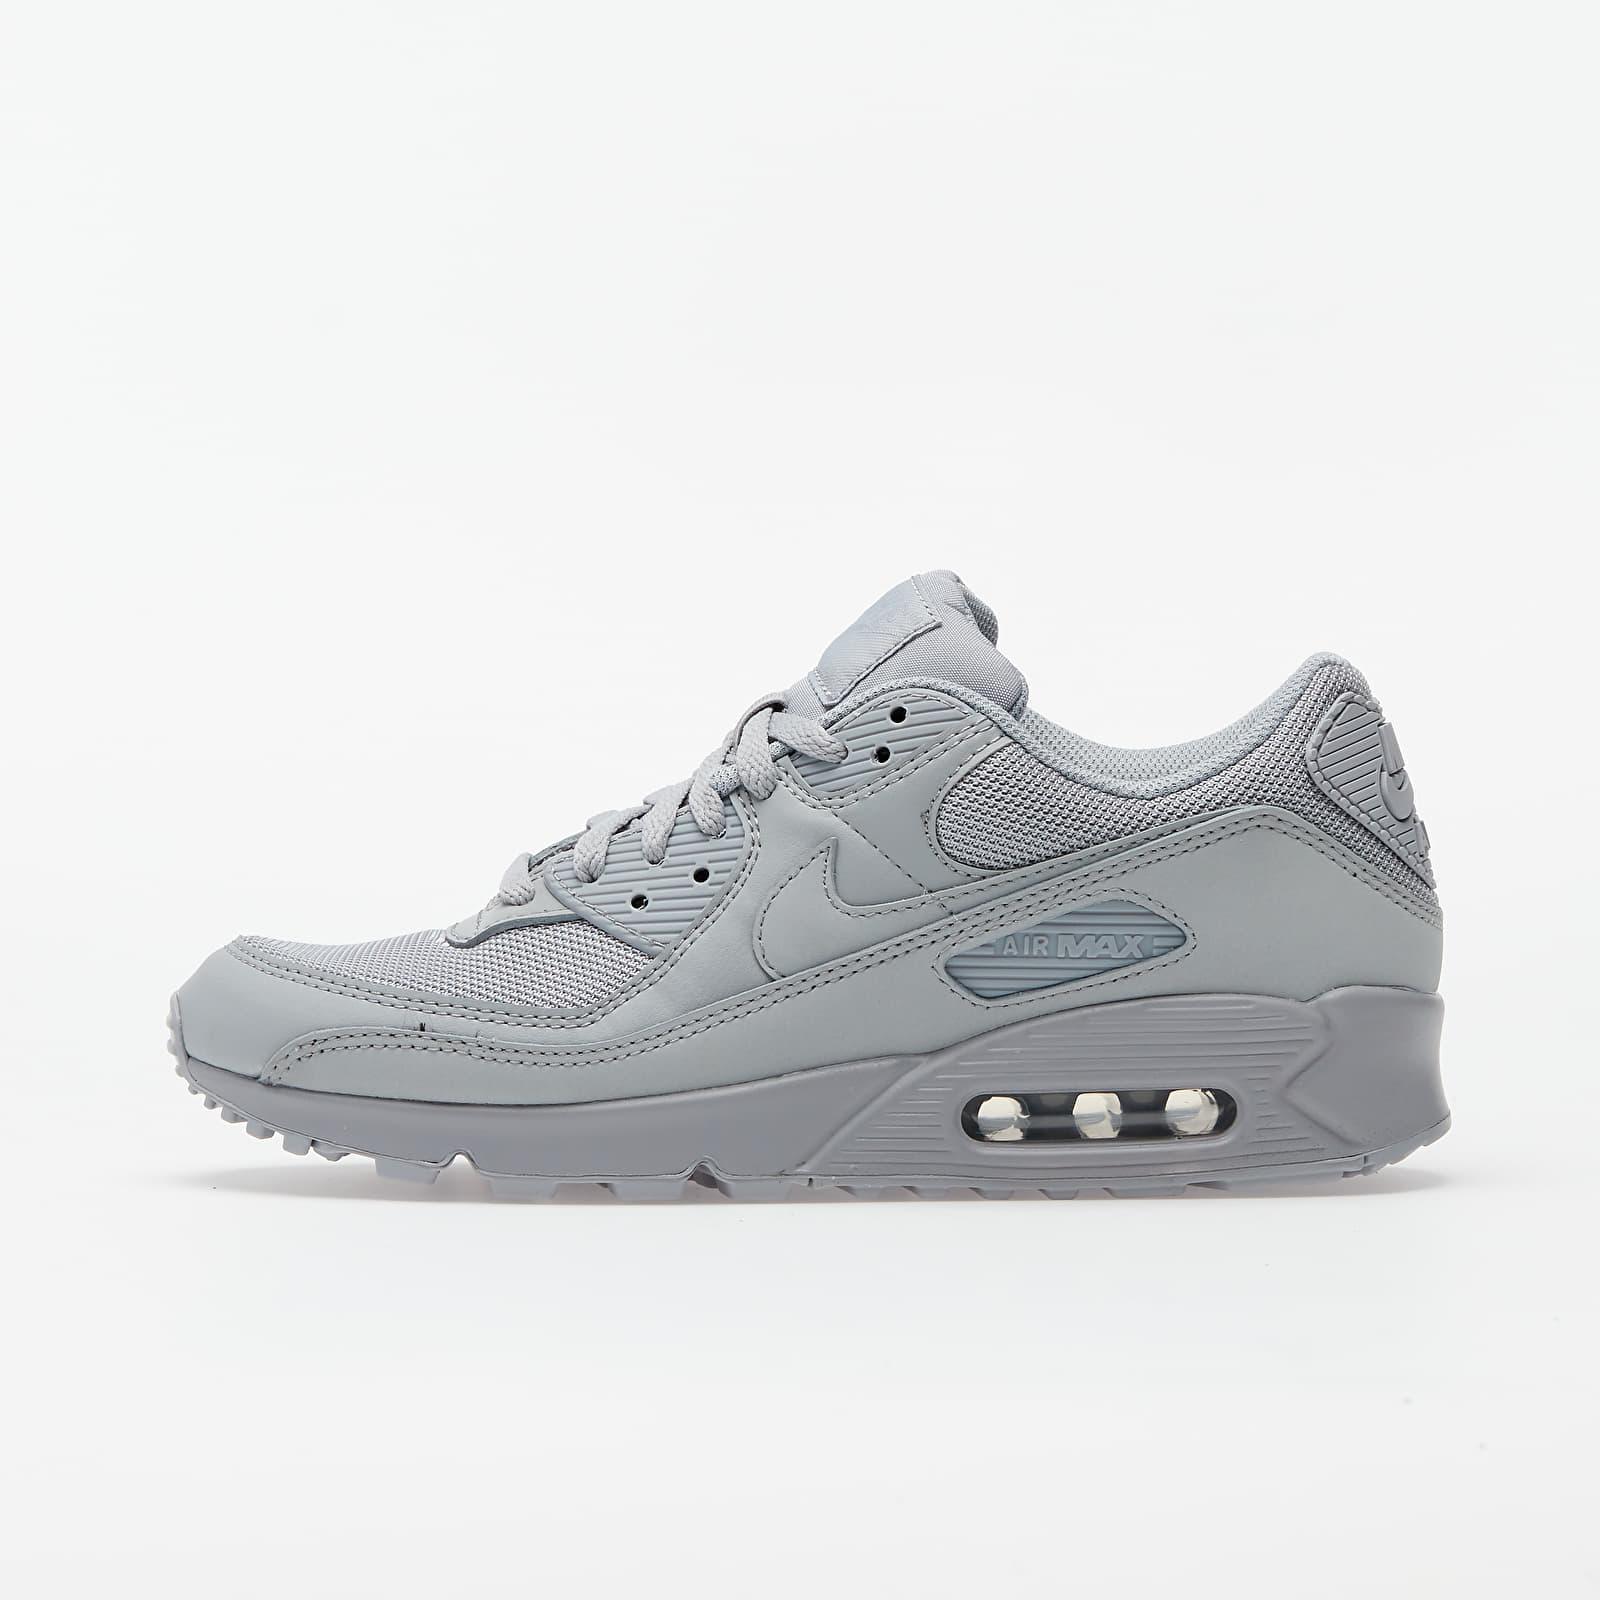 Nike Air Max 90 Wolf Grey/ Wolf Grey-Wolf Grey-Black EUR 41